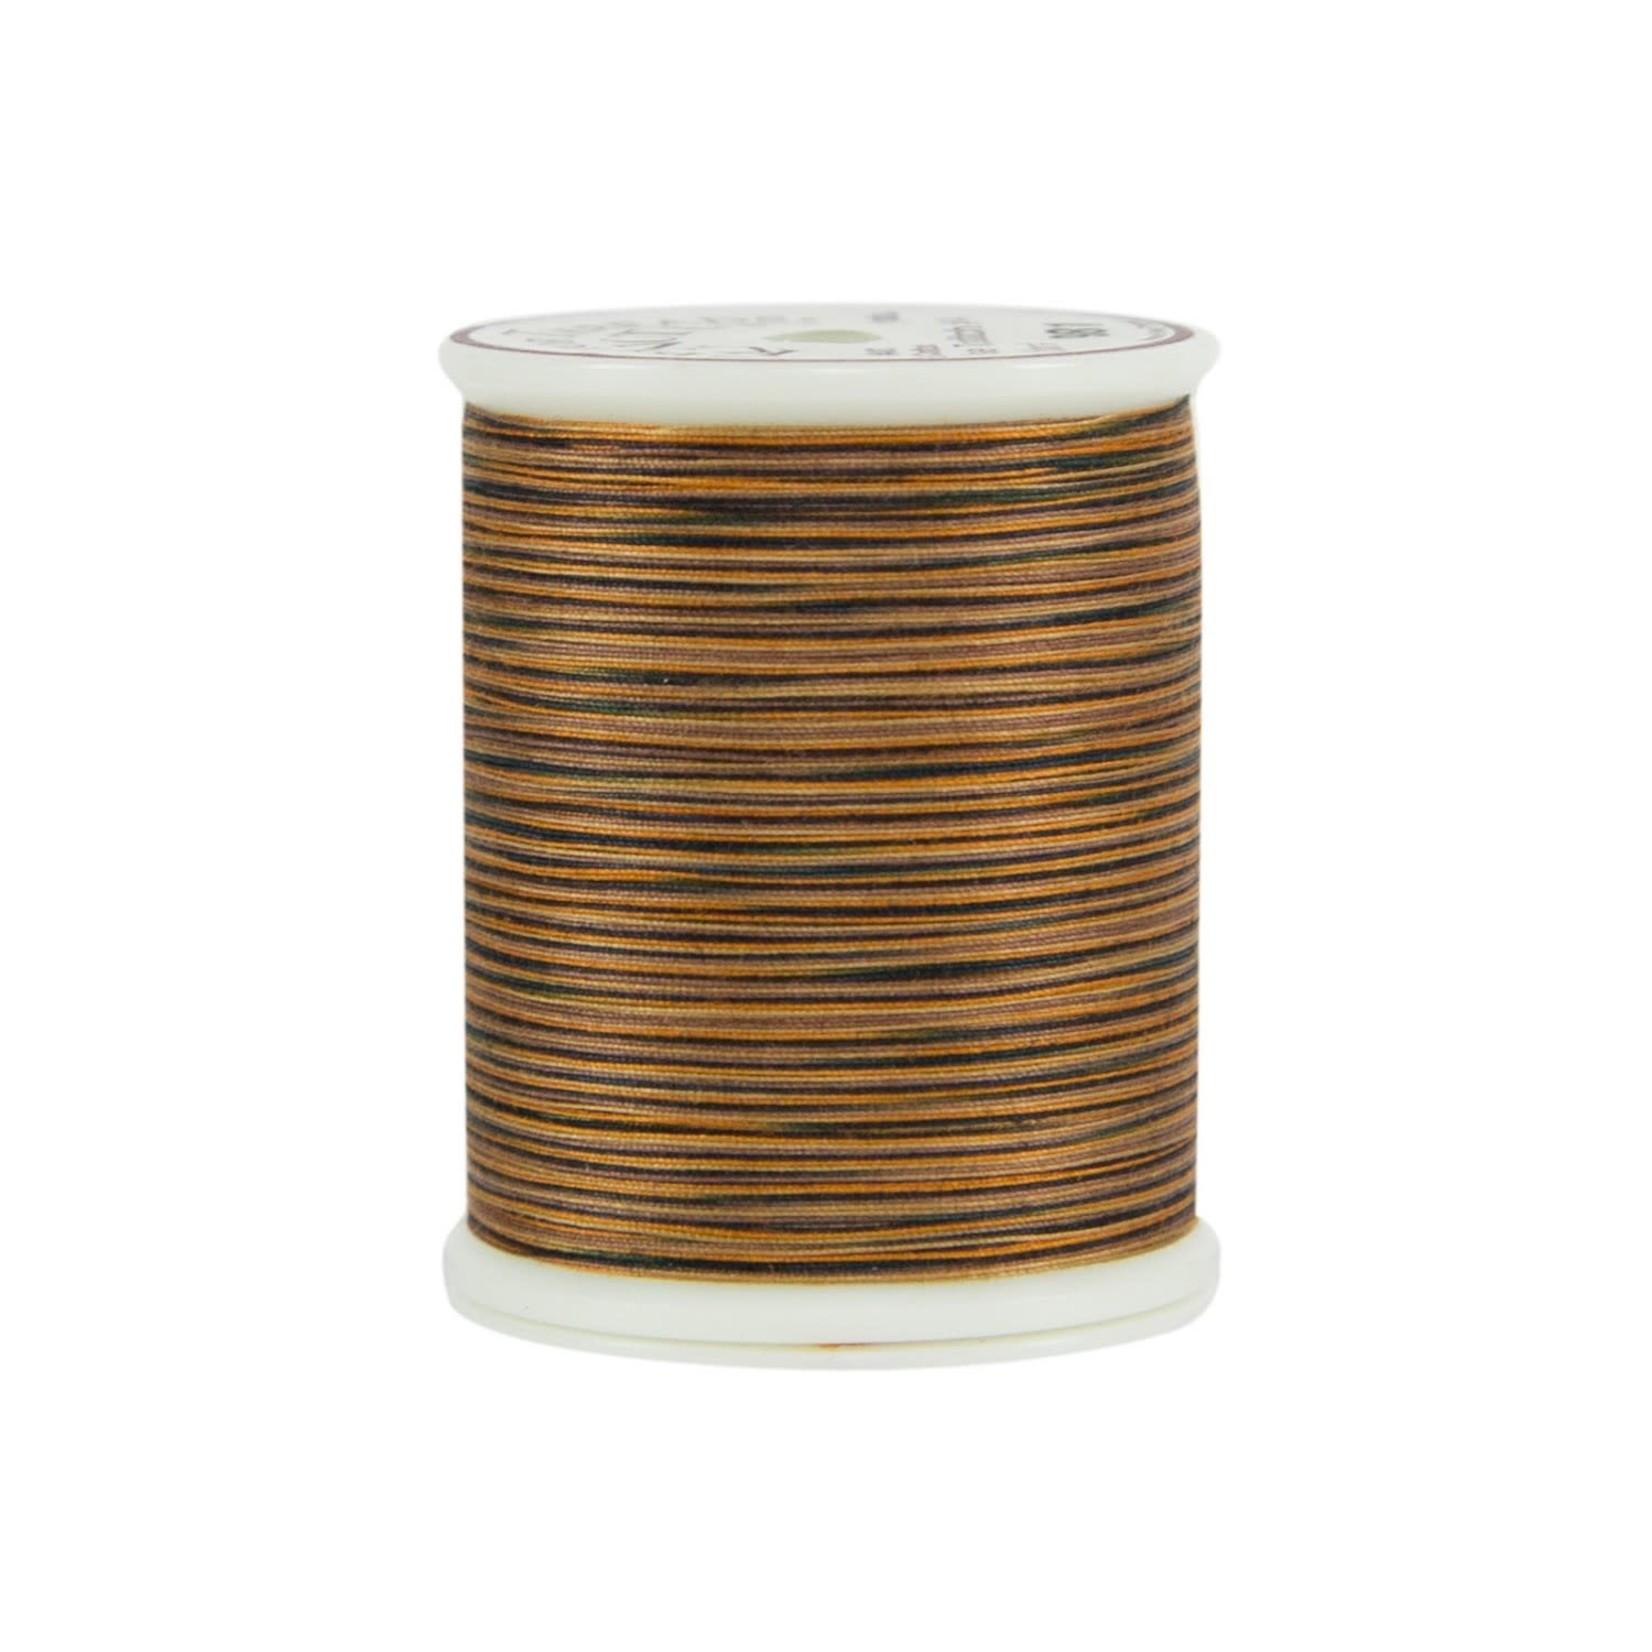 Superior Threads King Tut - #40 - 457 m - 0981 Cobra